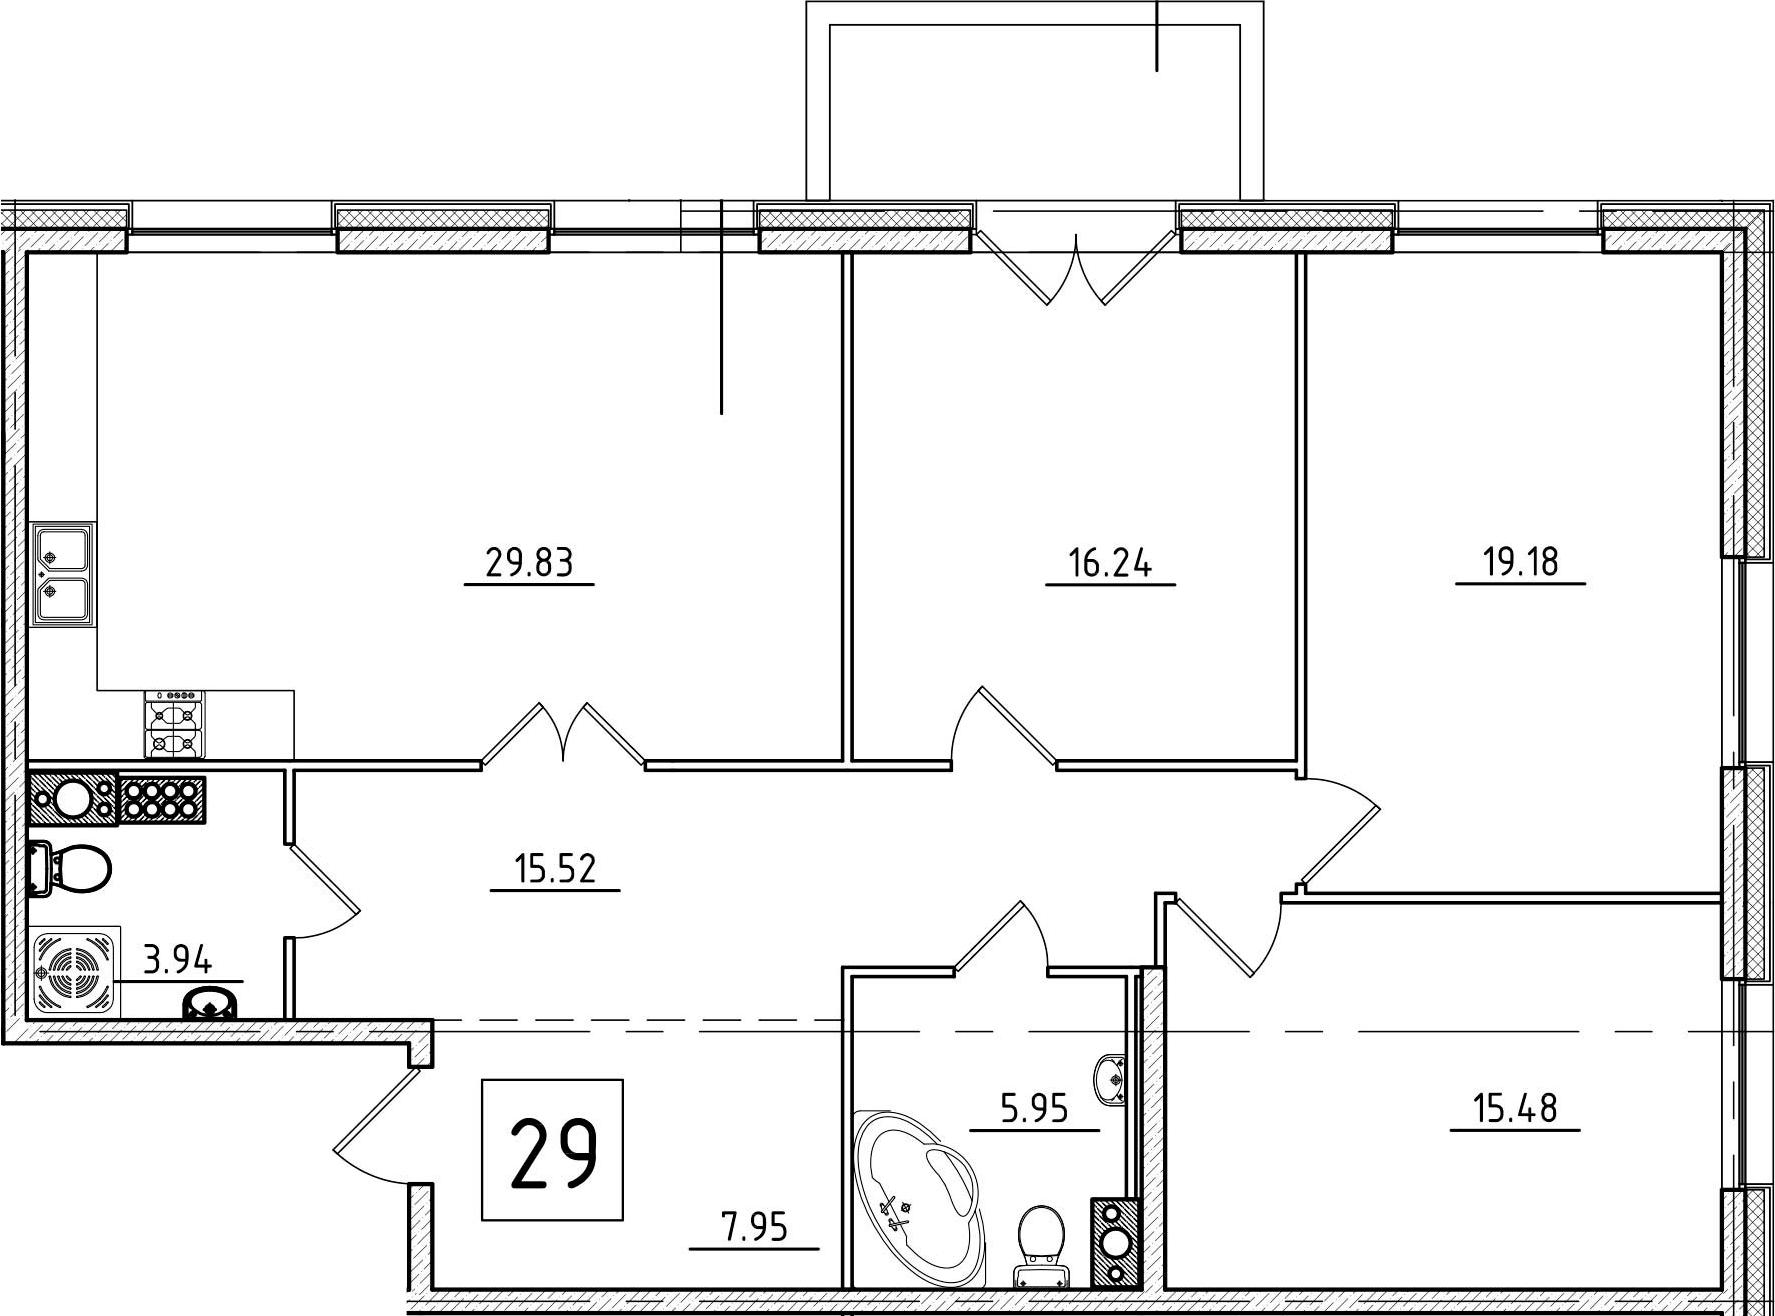 4Е-к.кв, 115.66 м², 9 этаж